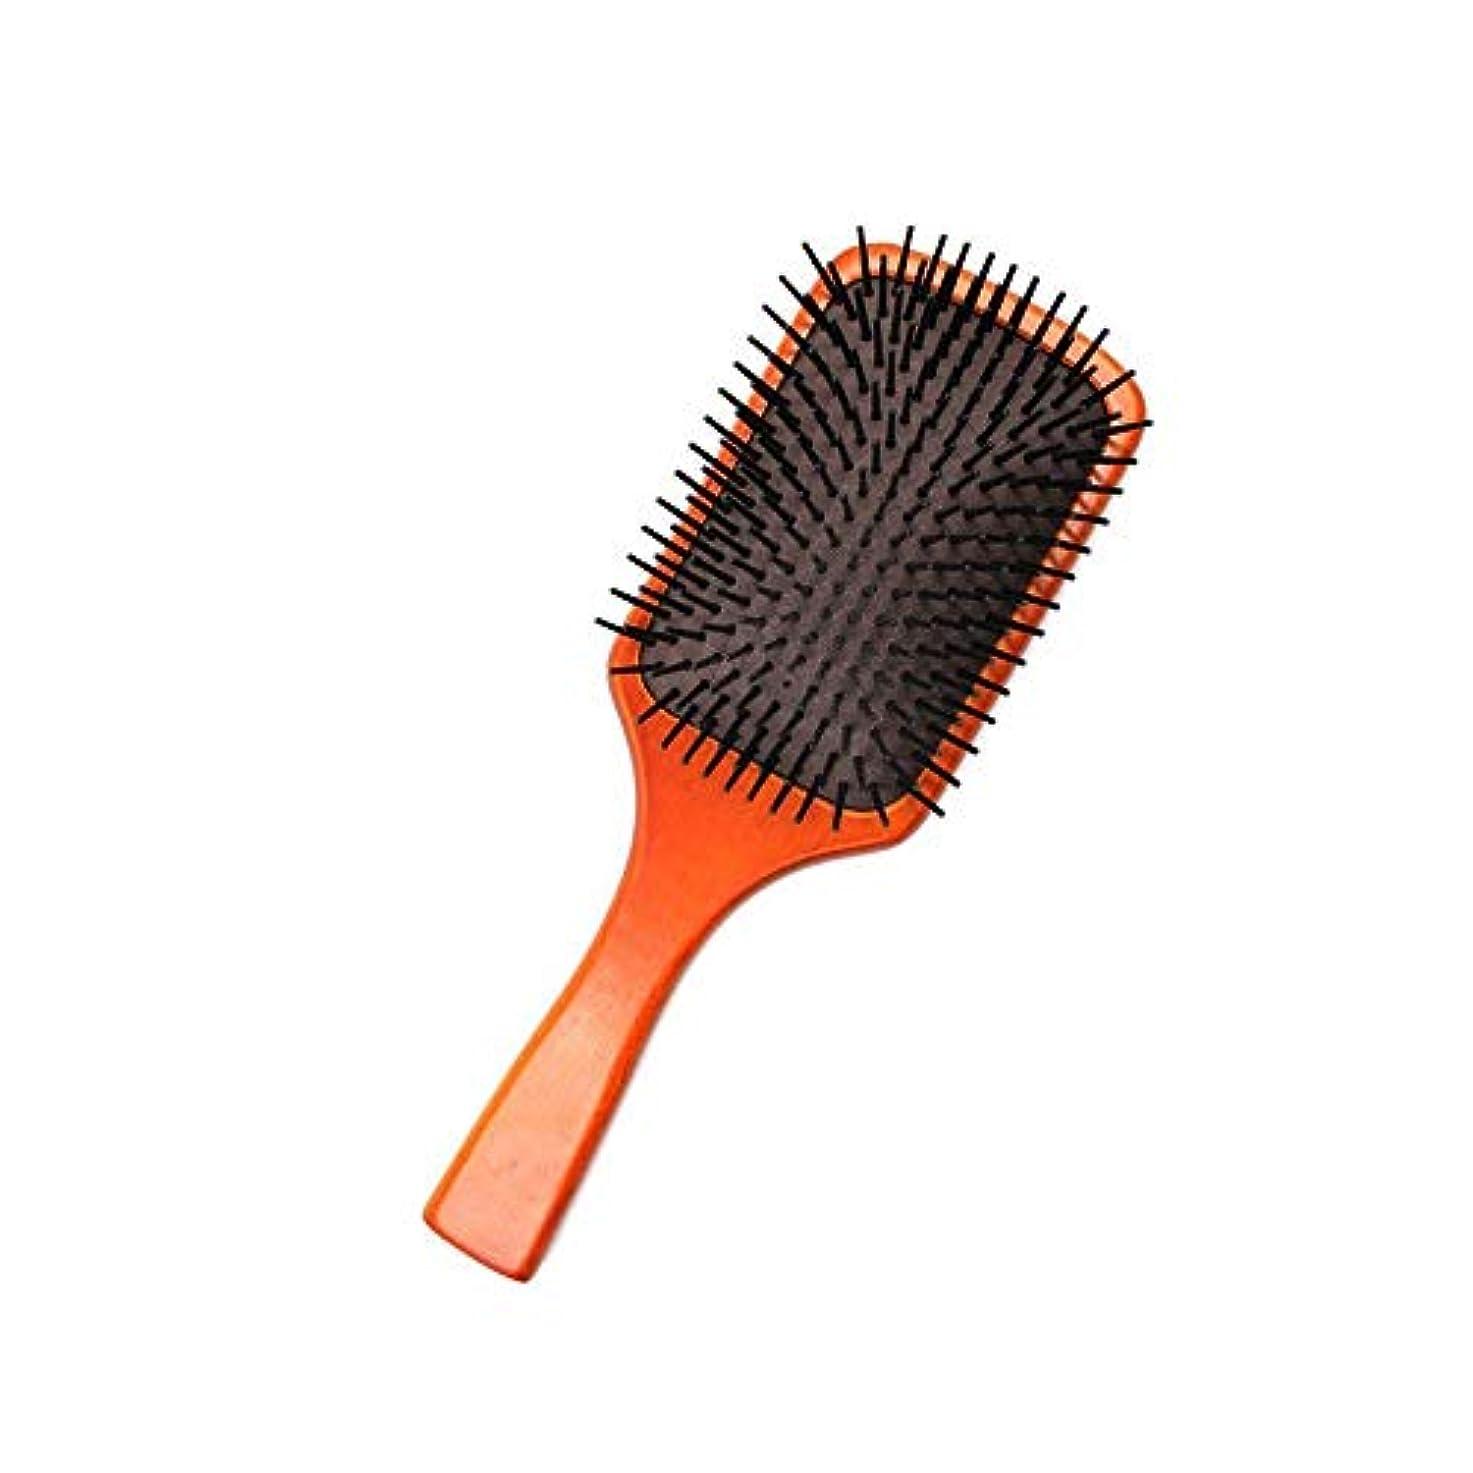 ヒョウ想定するペーストWASAIO ヘアブラシバーチ木製ヘアブラシマッサージくし頭皮ブラシエアクッションくし帯電防止 (色 : Photo color)